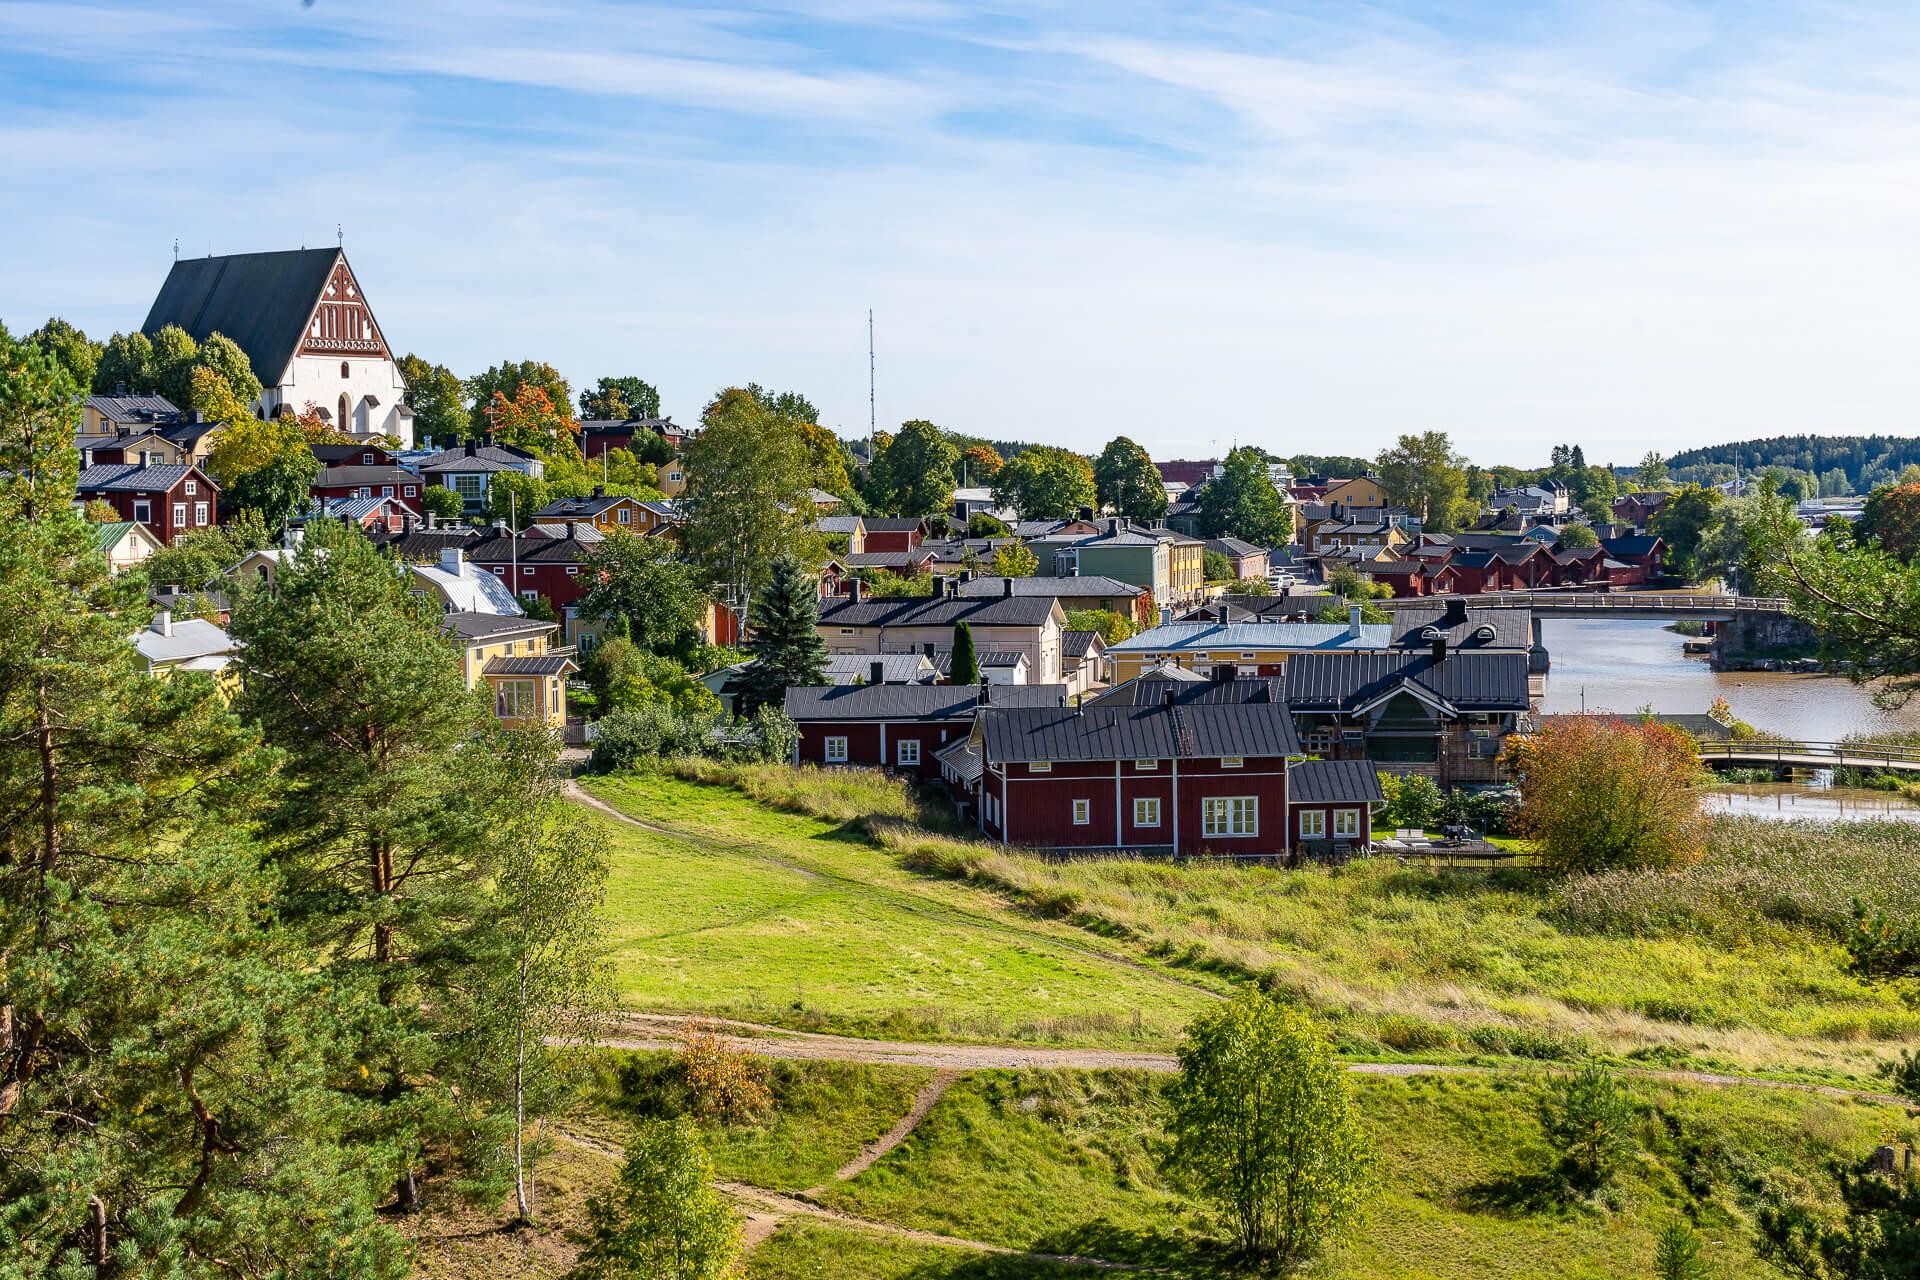 Vanha Porvoo Linnamäeltä katsottuna.